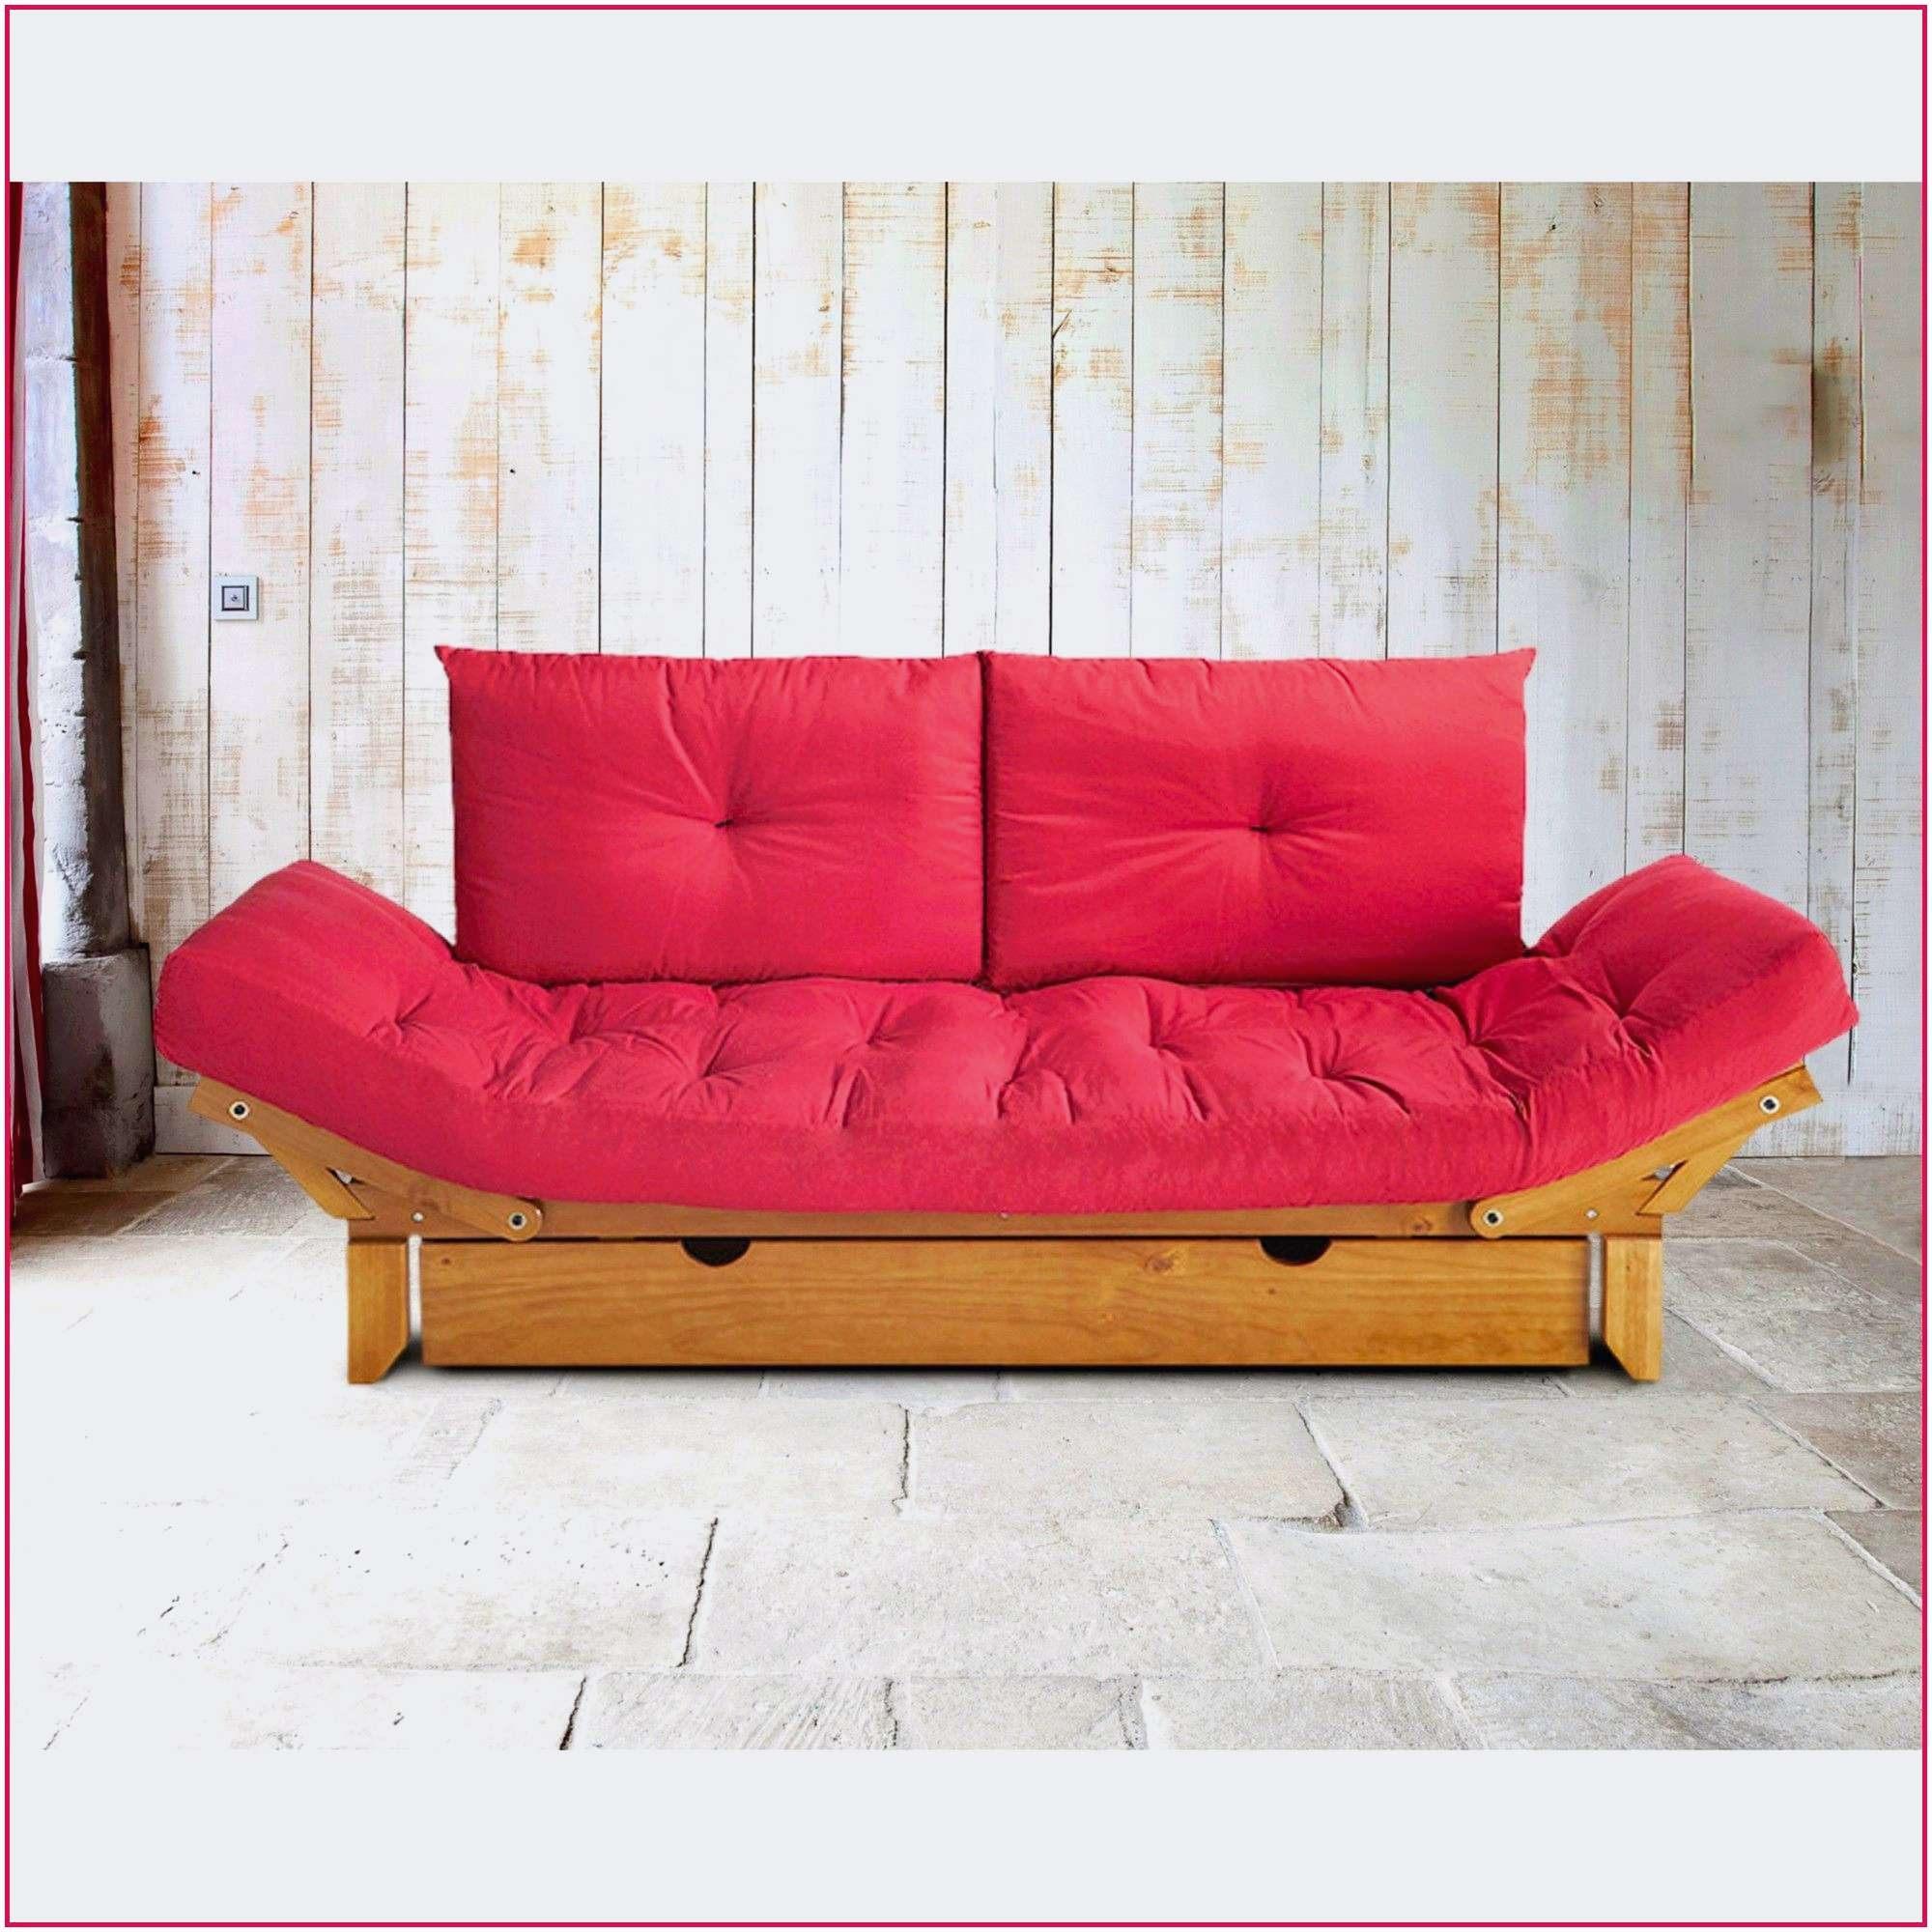 Lit Gigogne 2 Places Ikea Impressionnant Luxe 70 Frais Graphie De Lit Pliant 2 Places Ikea Pour Choix